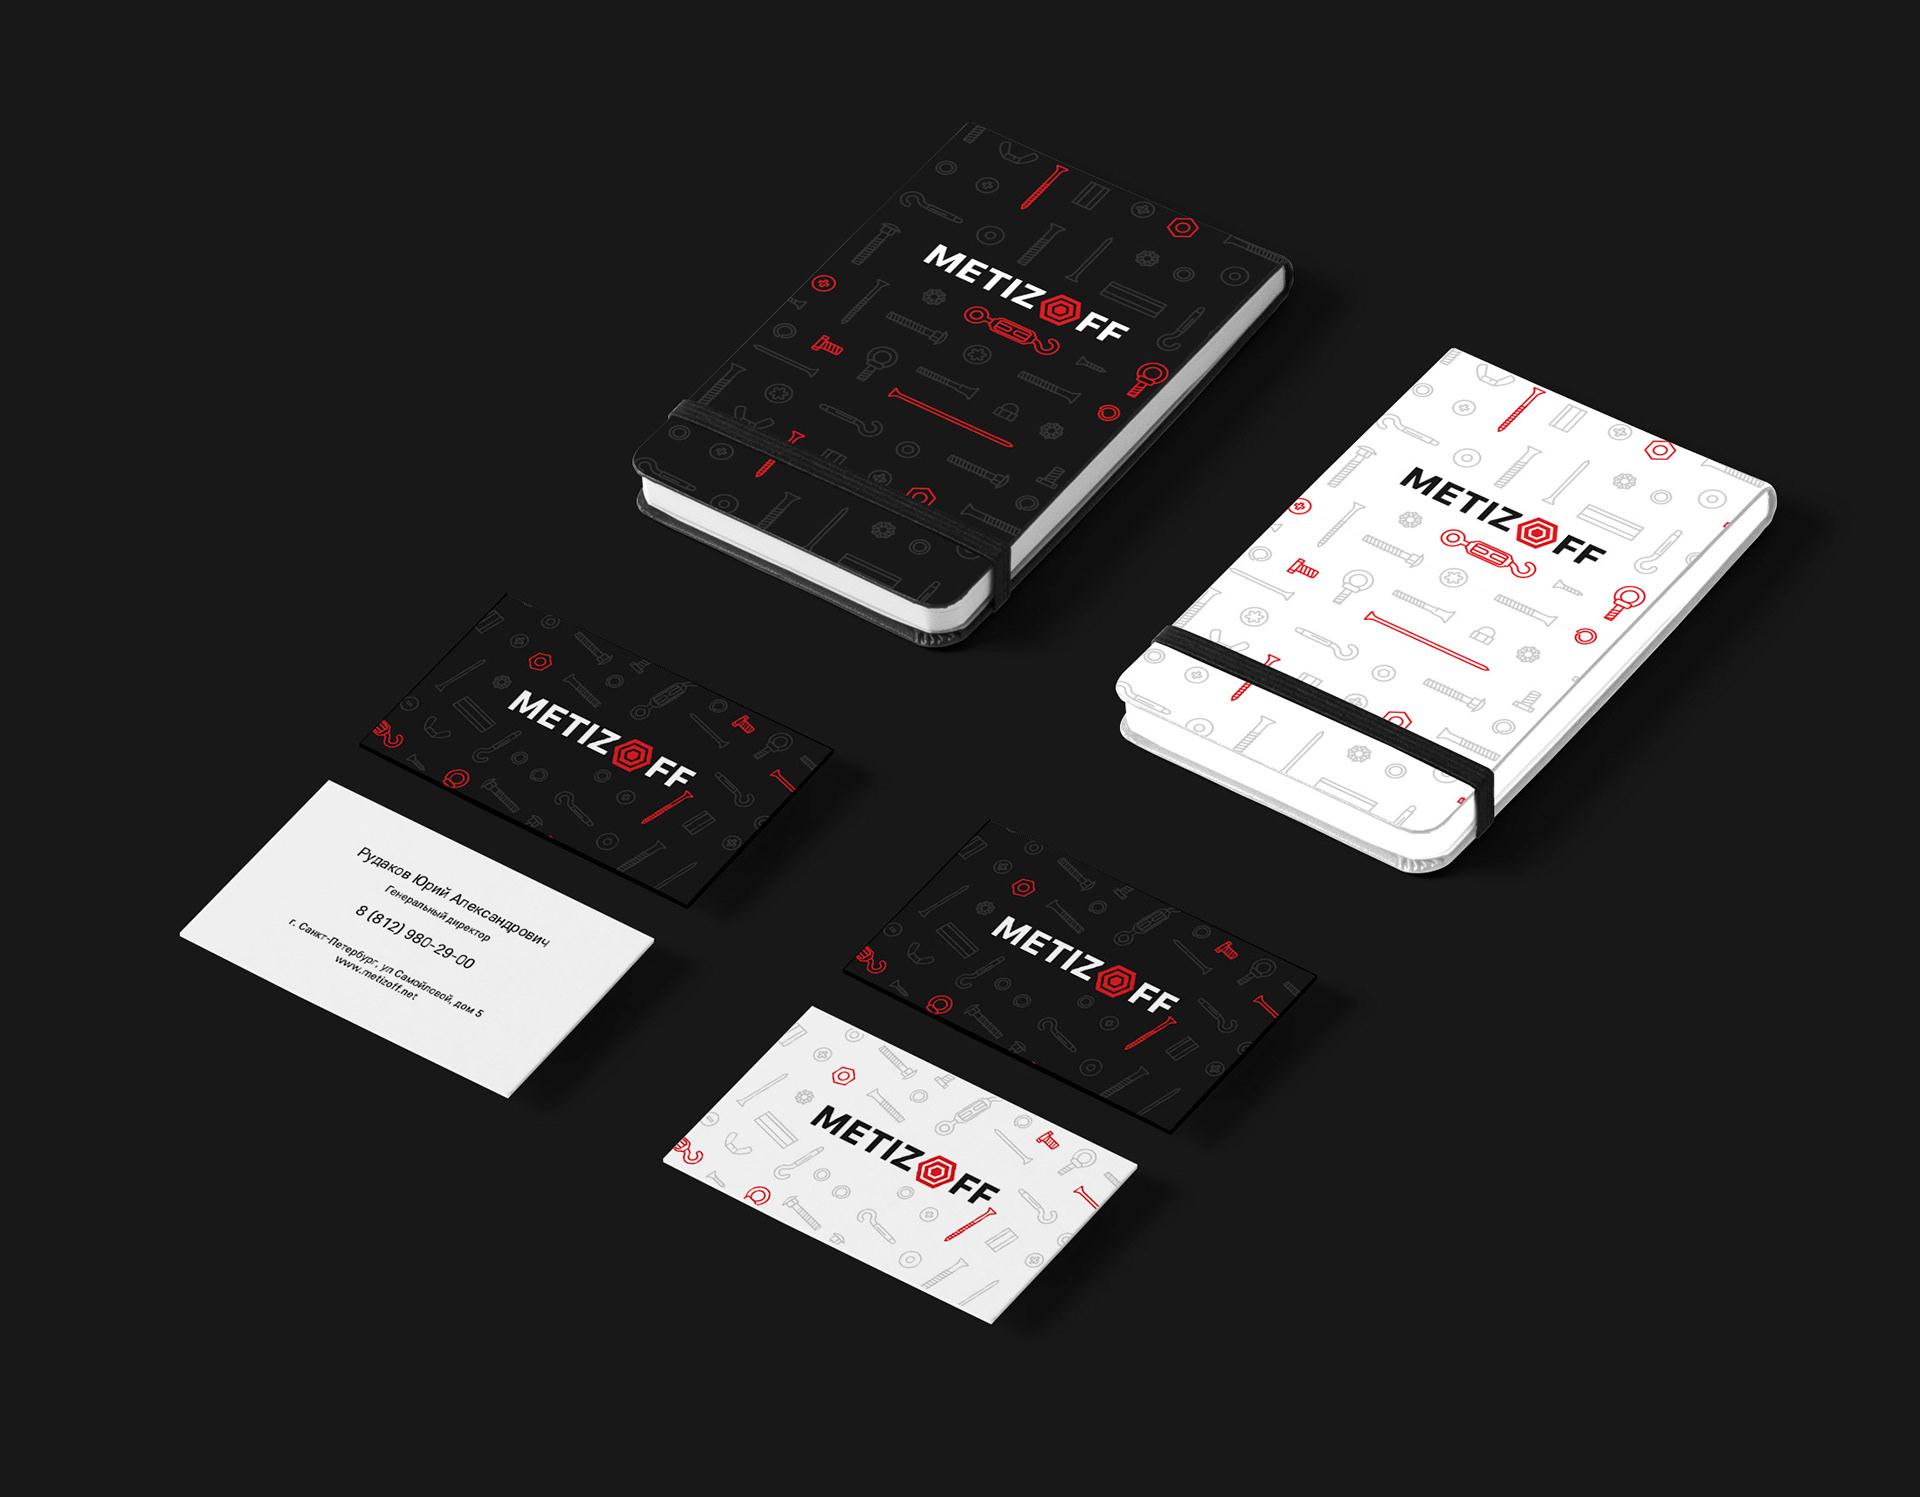 Metizoff | Rebranding